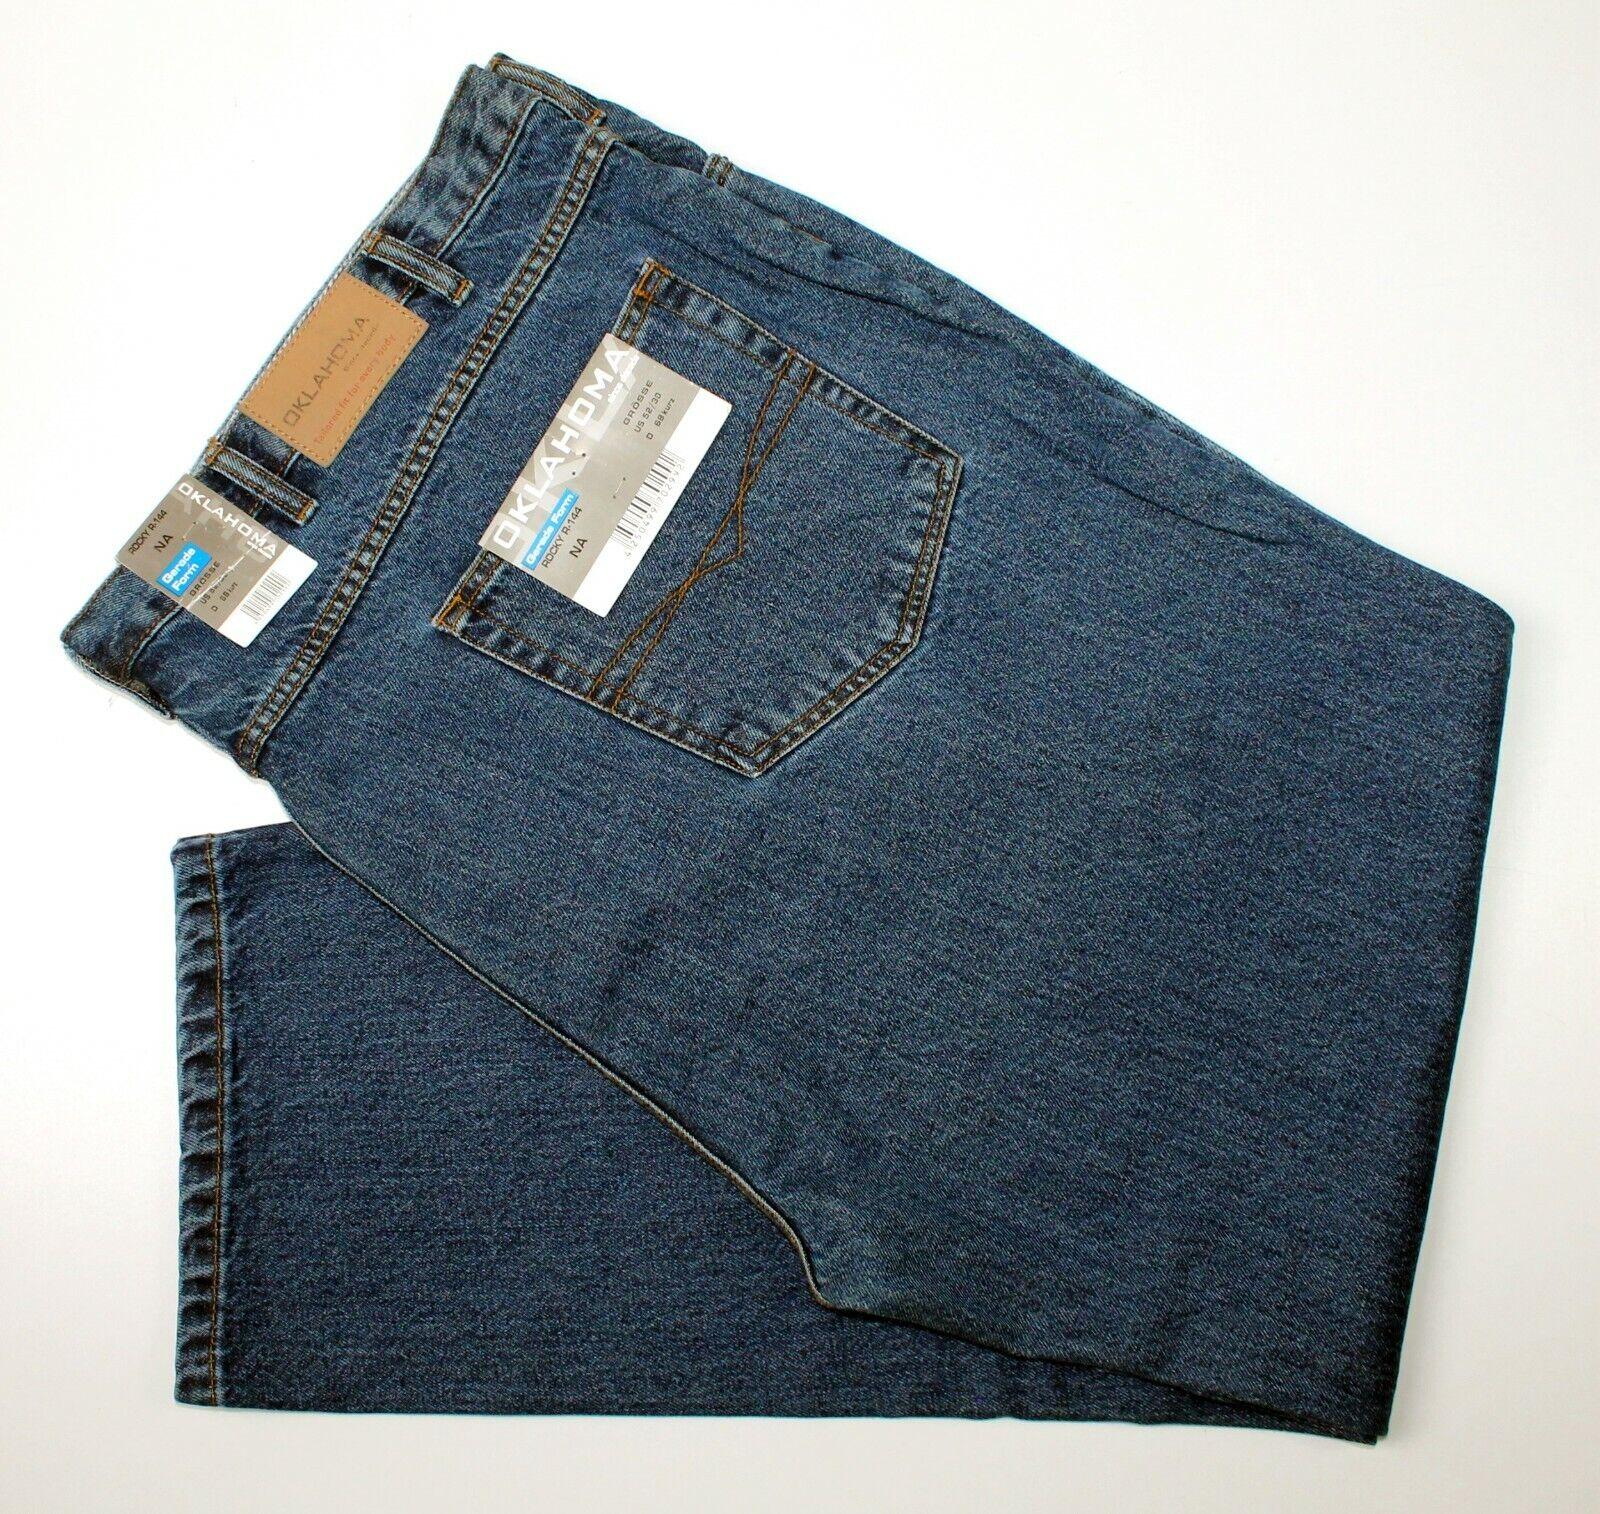 OKLAHOMA ROCKY R-144 Gerade Form Herren Jeans Gr. 68 kurz W 52  L 30 NEU